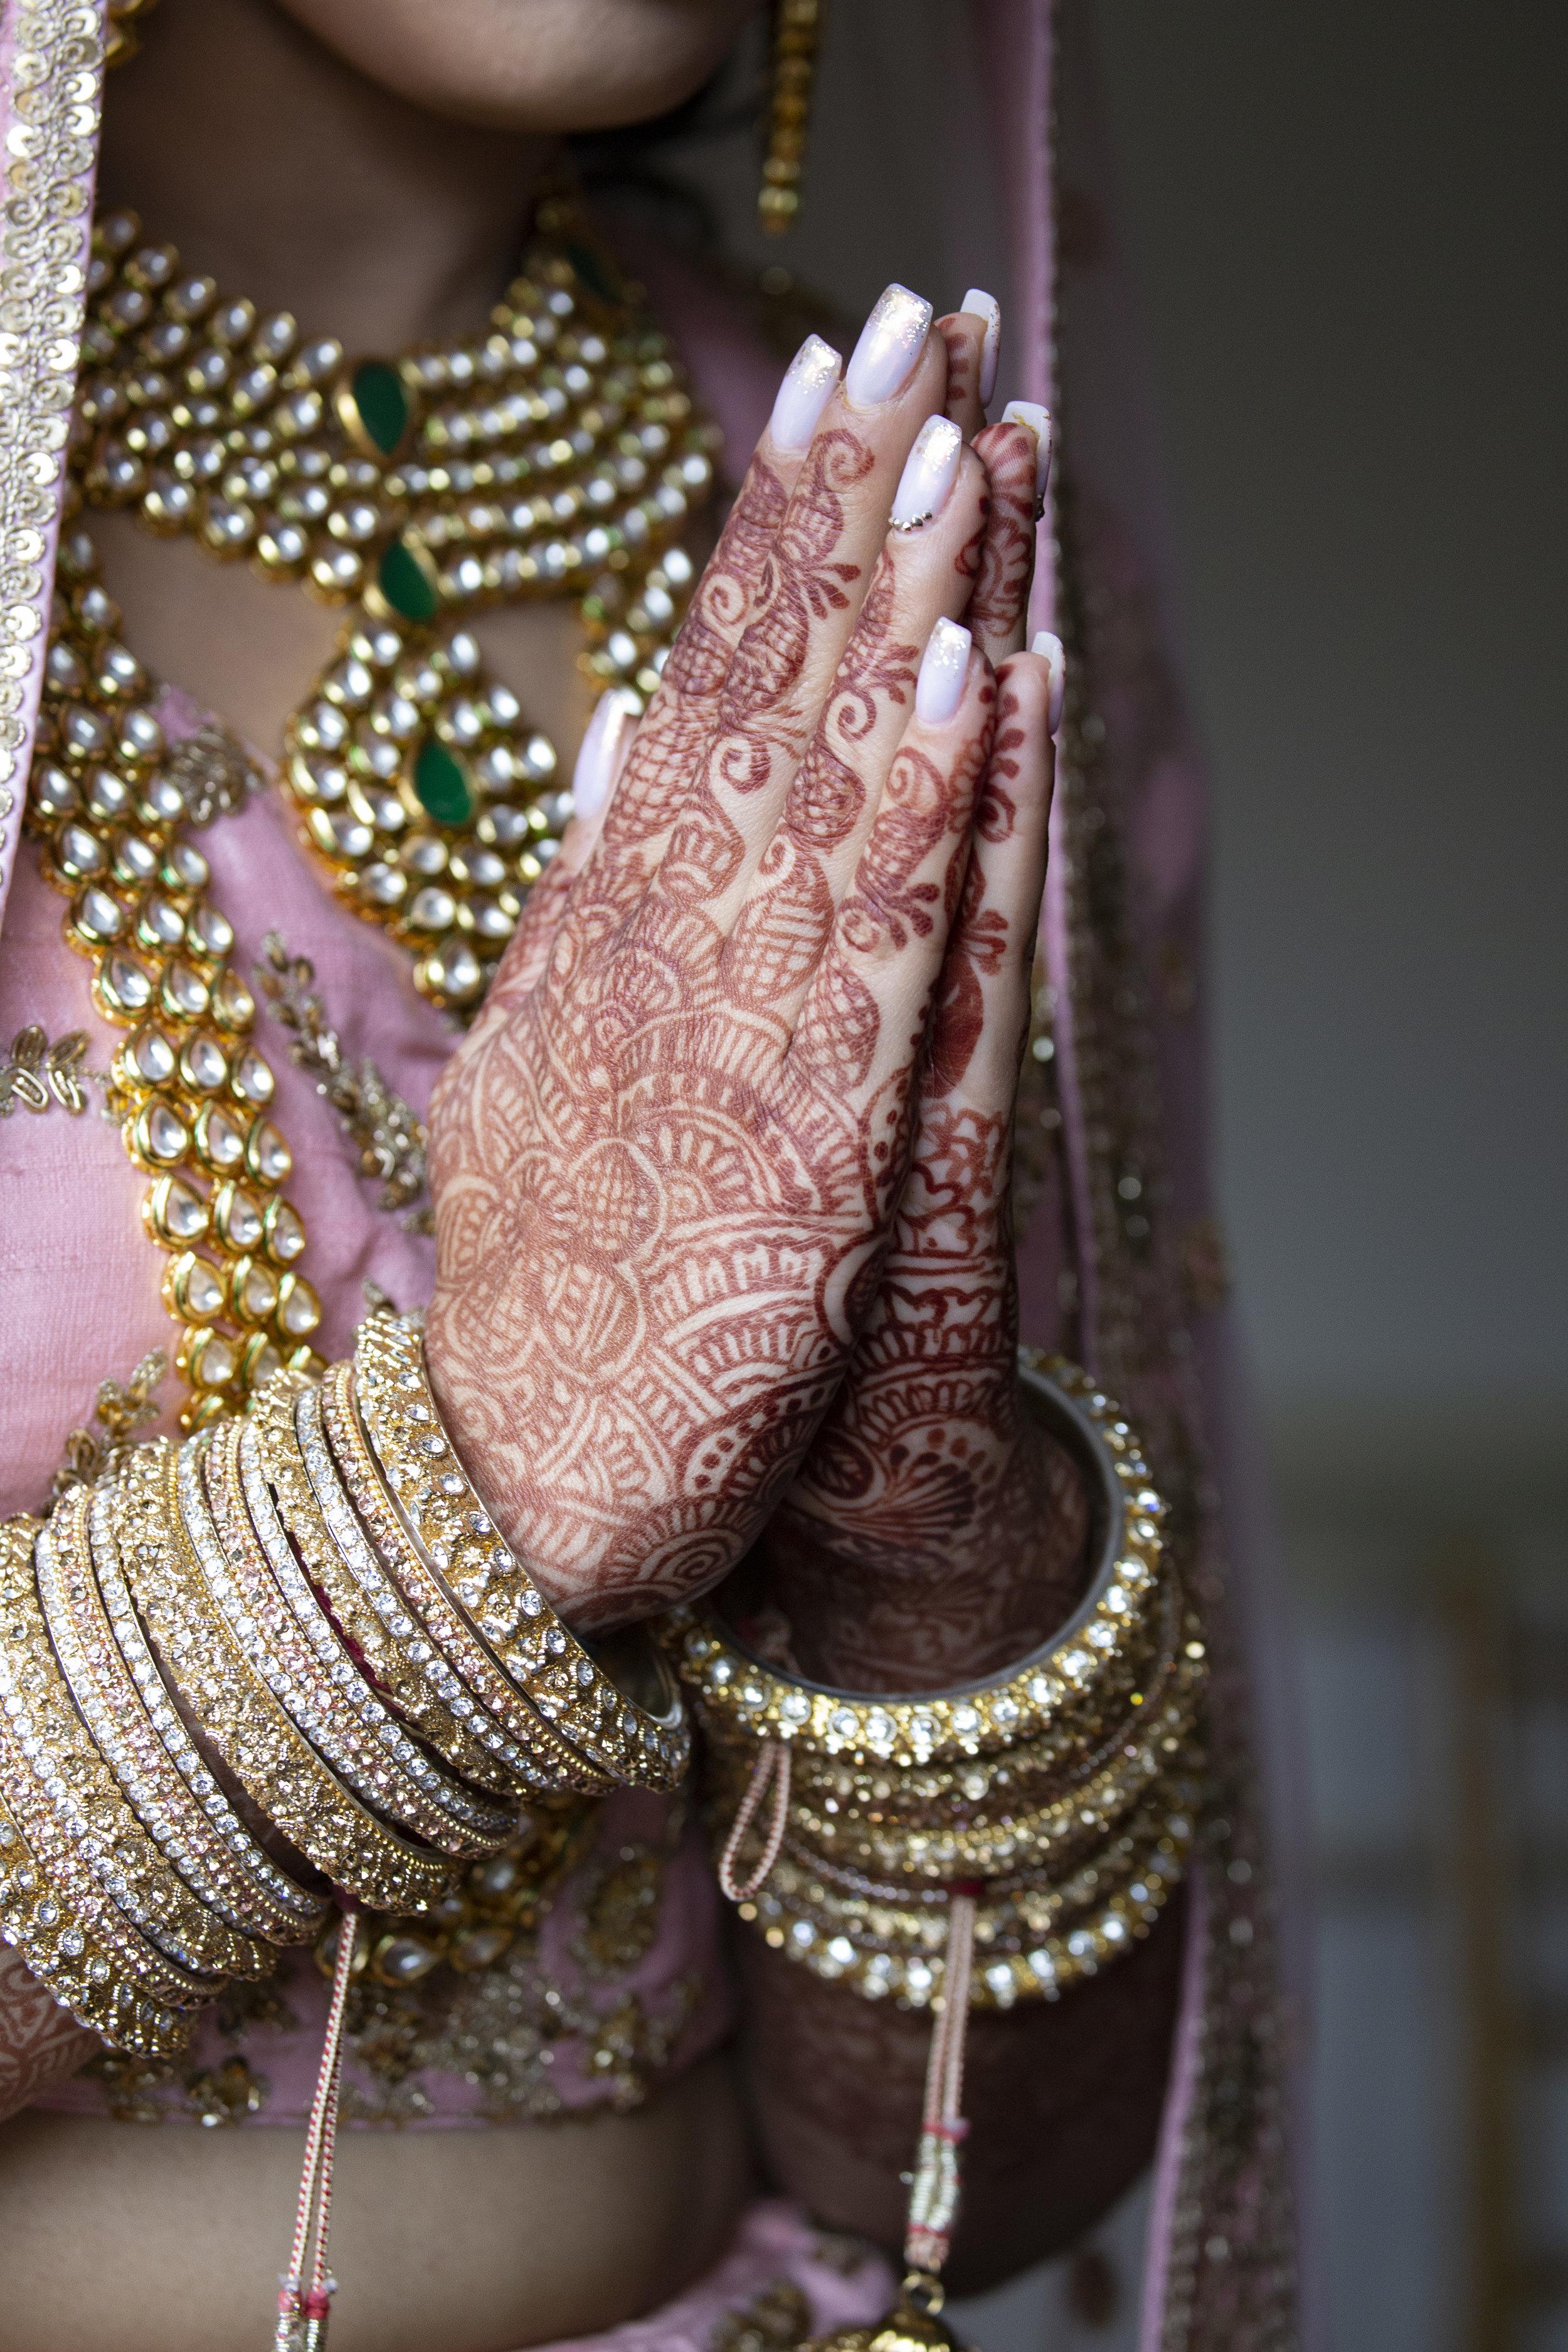 INDIAN WEDDING BRIDE HAND HENNA.JPG